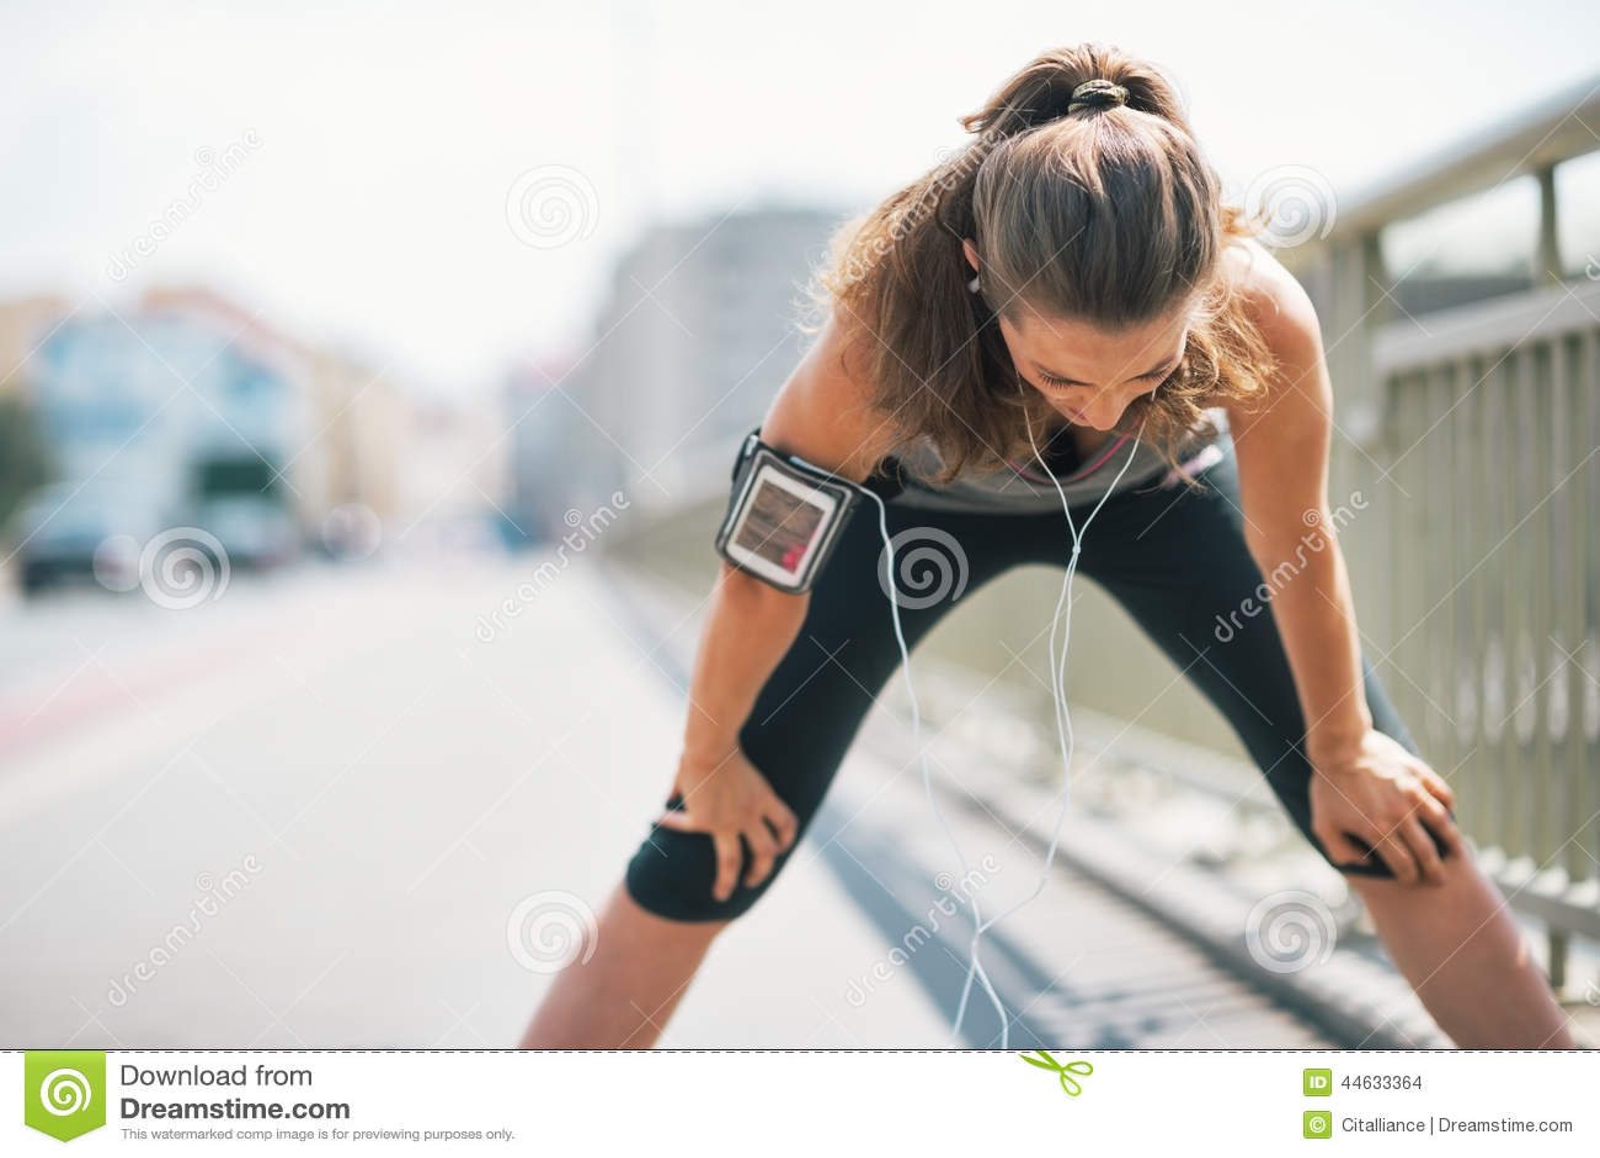 疲乏健身少妇捉住呼吸